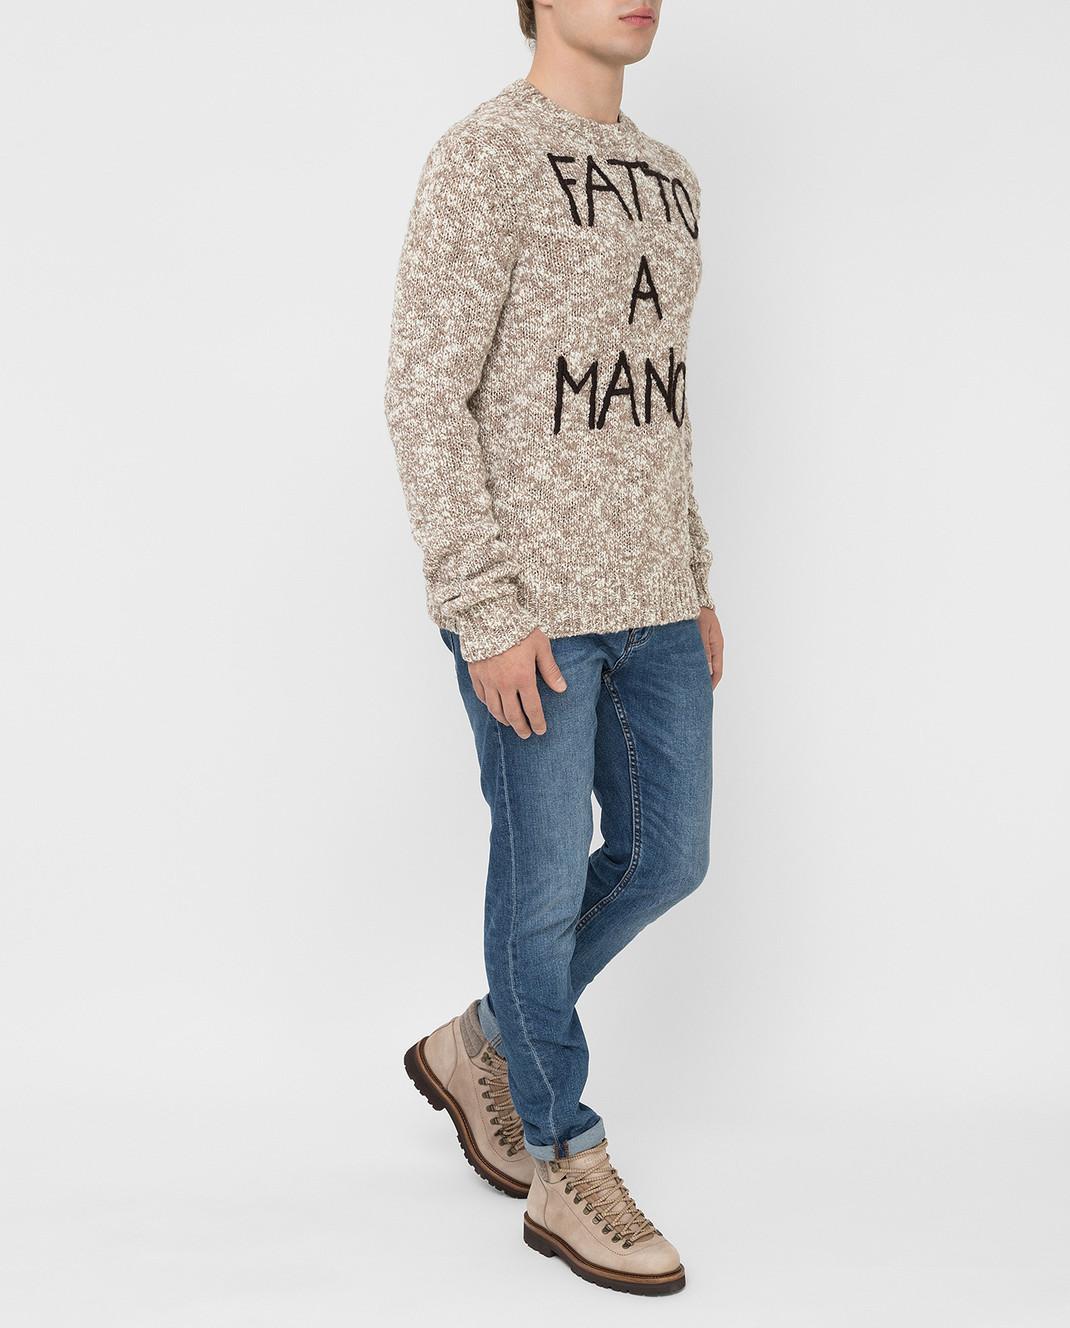 Dolce&Gabbana Бежевый свитер из шерсти изображение 2